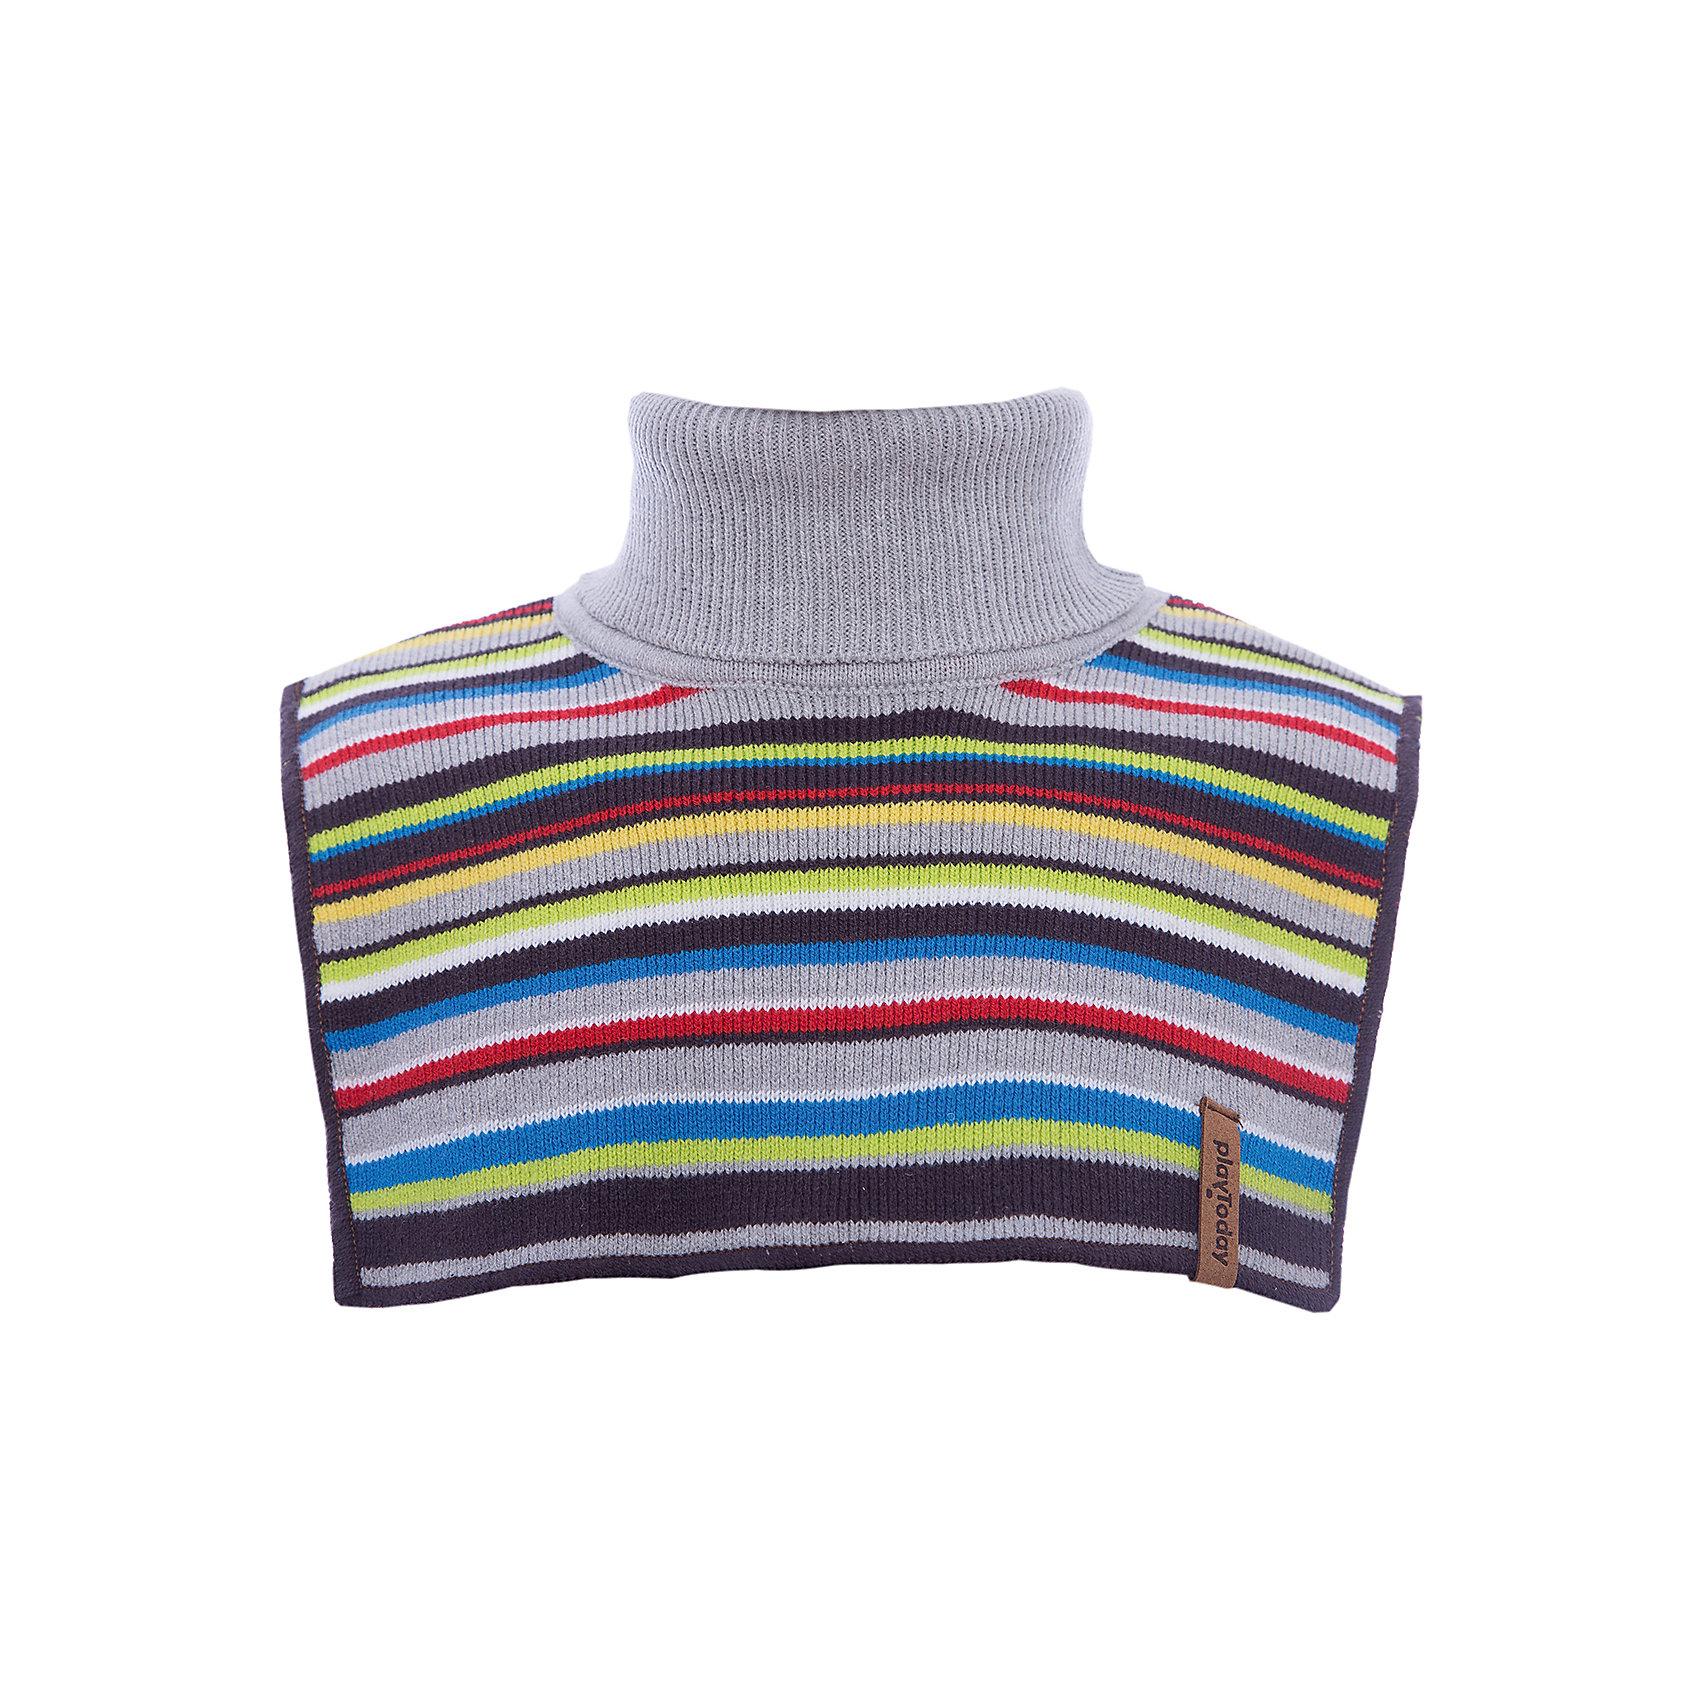 Манишка PlayToday для мальчикаШарфы, платки<br>Манишка PlayToday для мальчика<br>Воротник - манишка - отличная альтернатива шарфу. Модель хорошо закрывает горло, спинку и грудь ребенка. За счет высокого содержания натурального хлопка, материал воротника не раздражает нежную детскую кожу.  Модель выполнена в технике yarn dyed, в процессе производства используются разного цвета нити. При рекомендуемом уходе изделие не линяет и надолго остается в первоначальном виде.<br>Состав:<br>60% хлопок, 40% акрил<br><br>Ширина мм: 88<br>Глубина мм: 155<br>Высота мм: 26<br>Вес г: 106<br>Цвет: белый<br>Возраст от месяцев: 6<br>Возраст до месяцев: 9<br>Пол: Мужской<br>Возраст: Детский<br>Размер: 46,48<br>SKU: 7109830